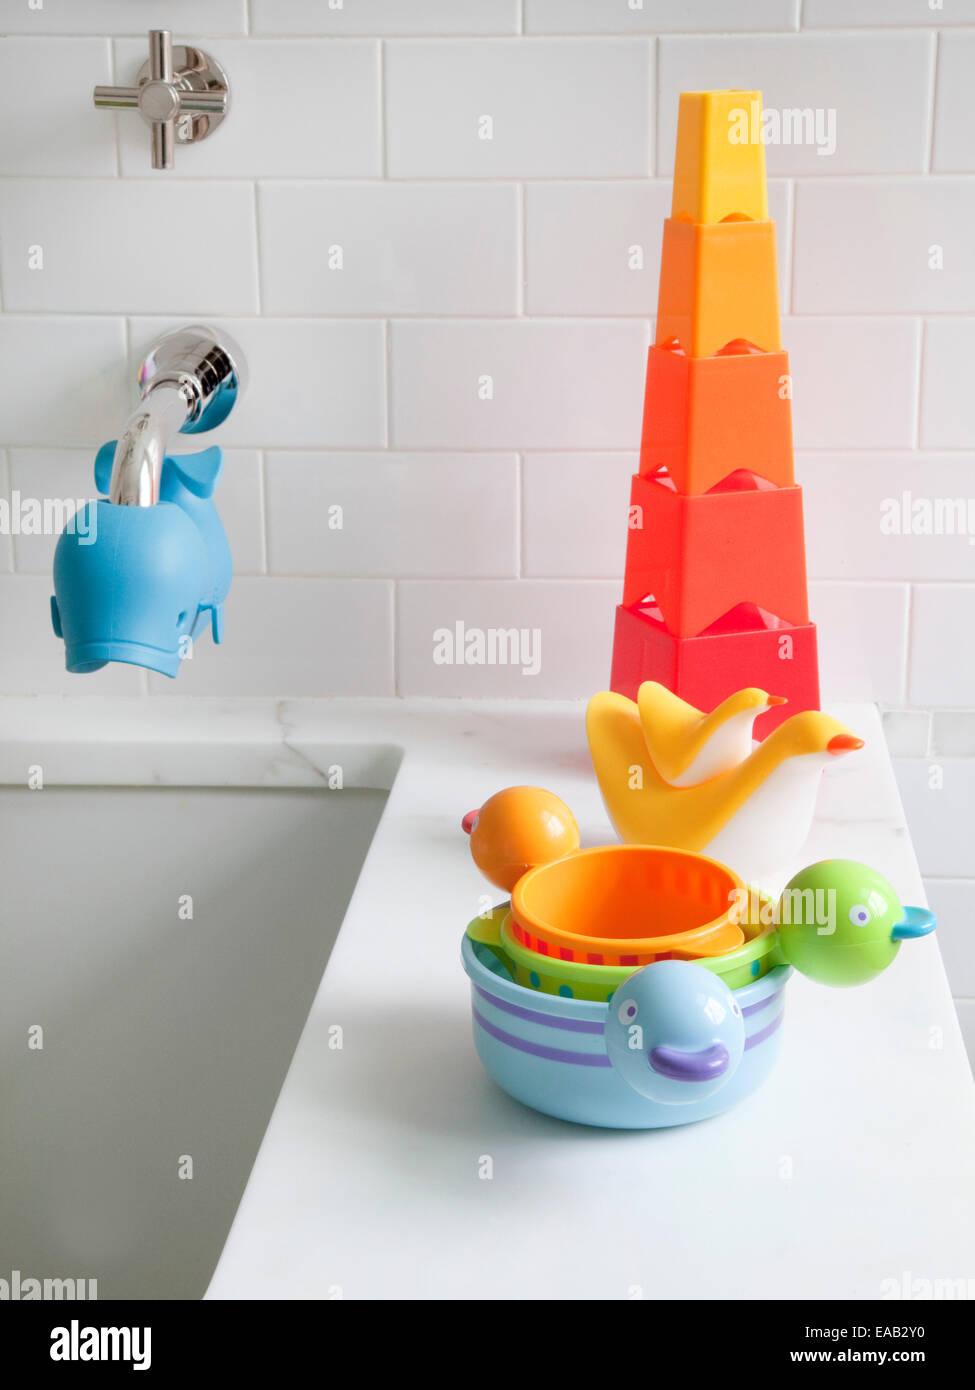 Juguetes de baño del niño sobre el borde de la bañera en casa Imagen De Stock